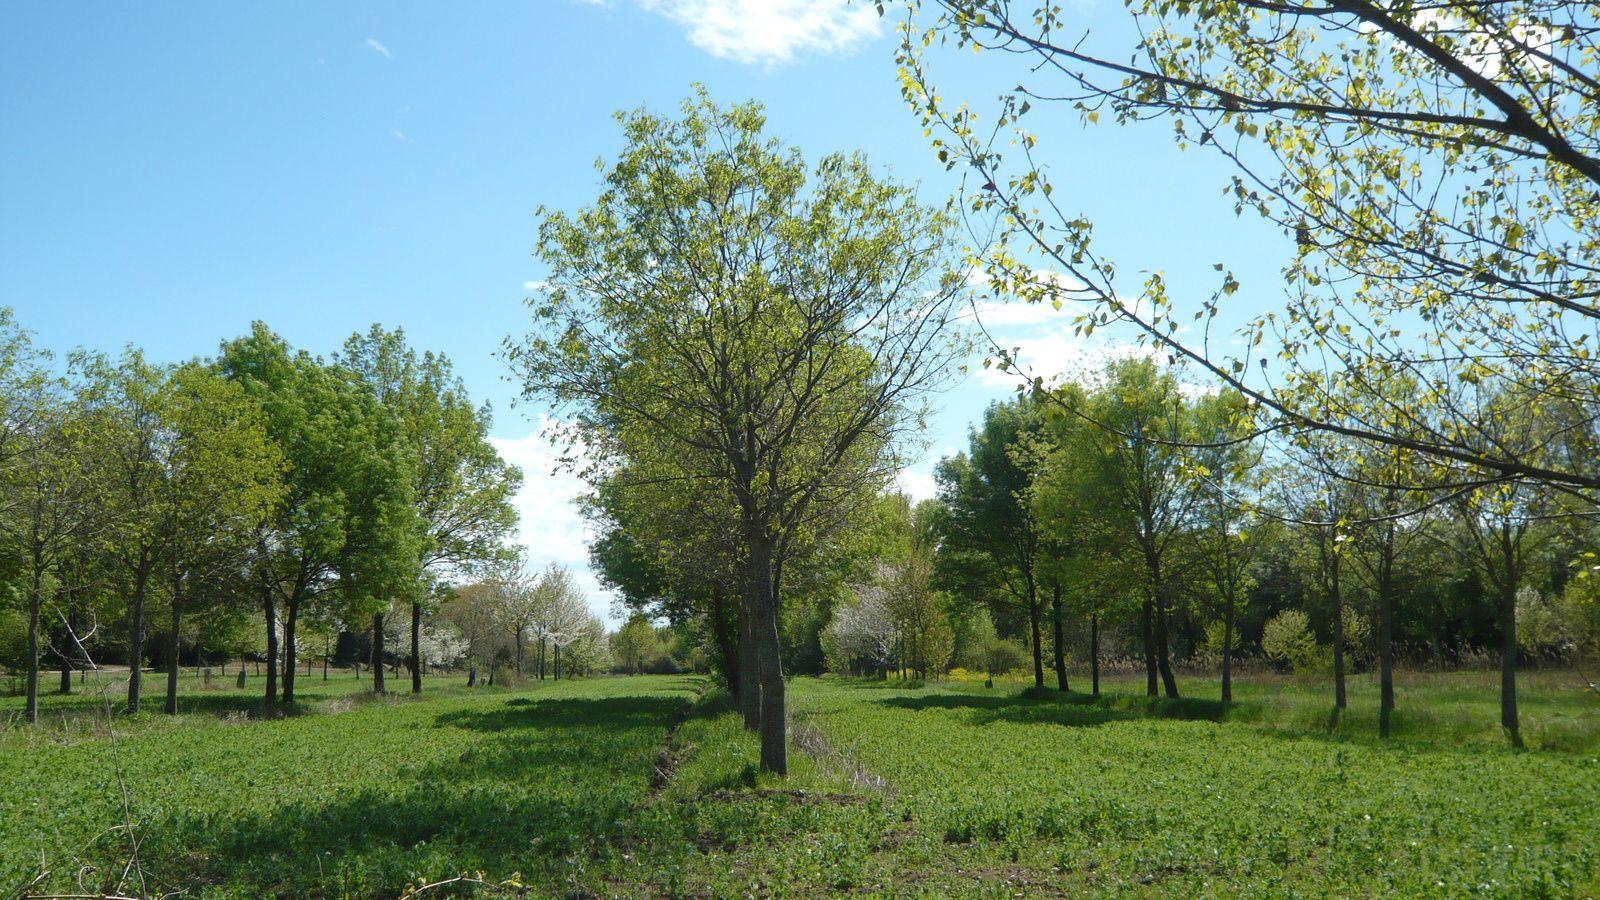 Parcelle agroforestière expérimentale - Domaine de Restinclières - Prades le Lez (34)